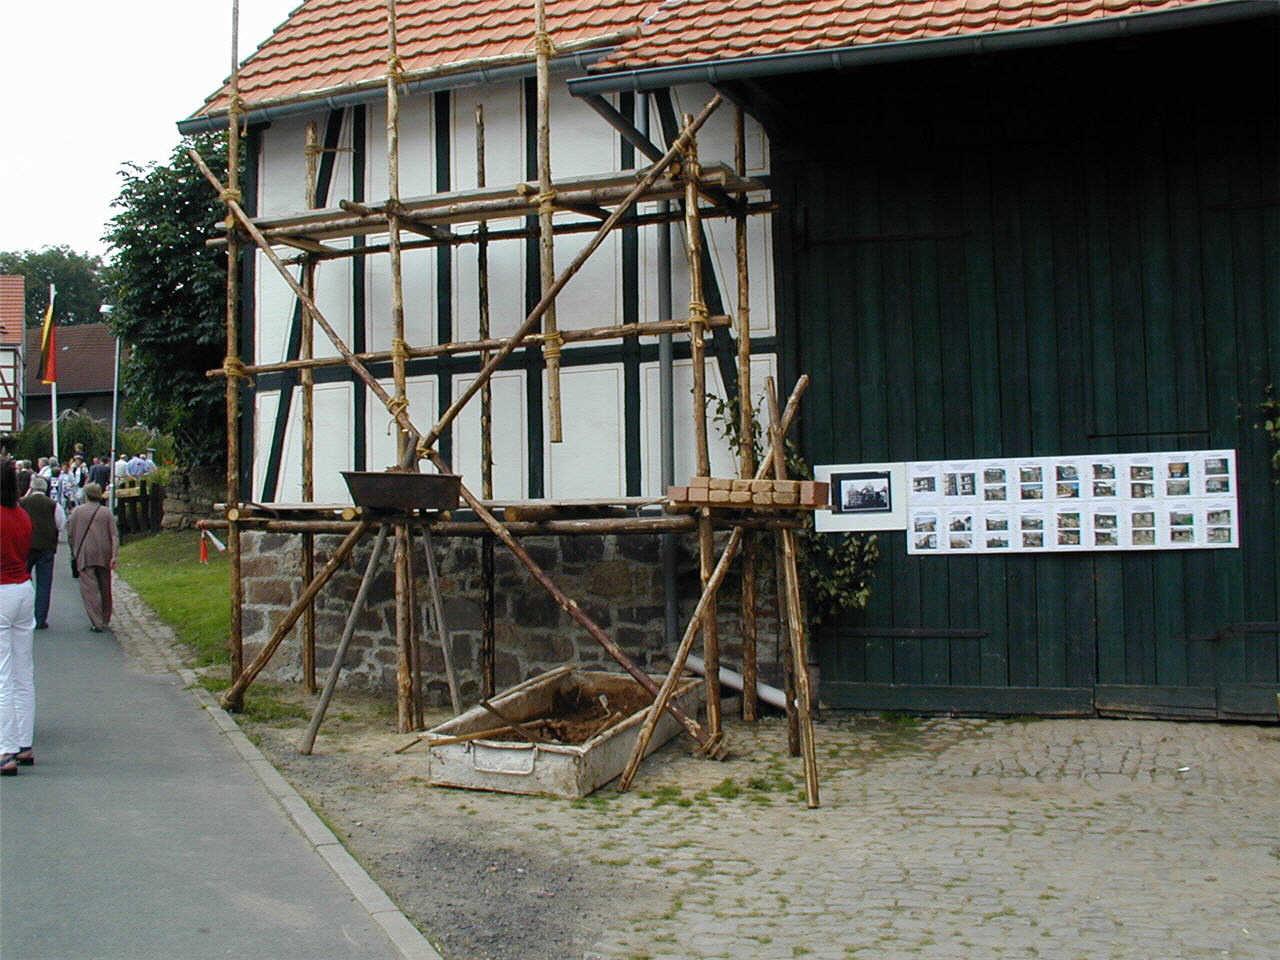 Bautechniken bei ehemals Ruhwedels Haus, Gerüstaufbau der Vergangenheit. (© Detlef Battefeld)